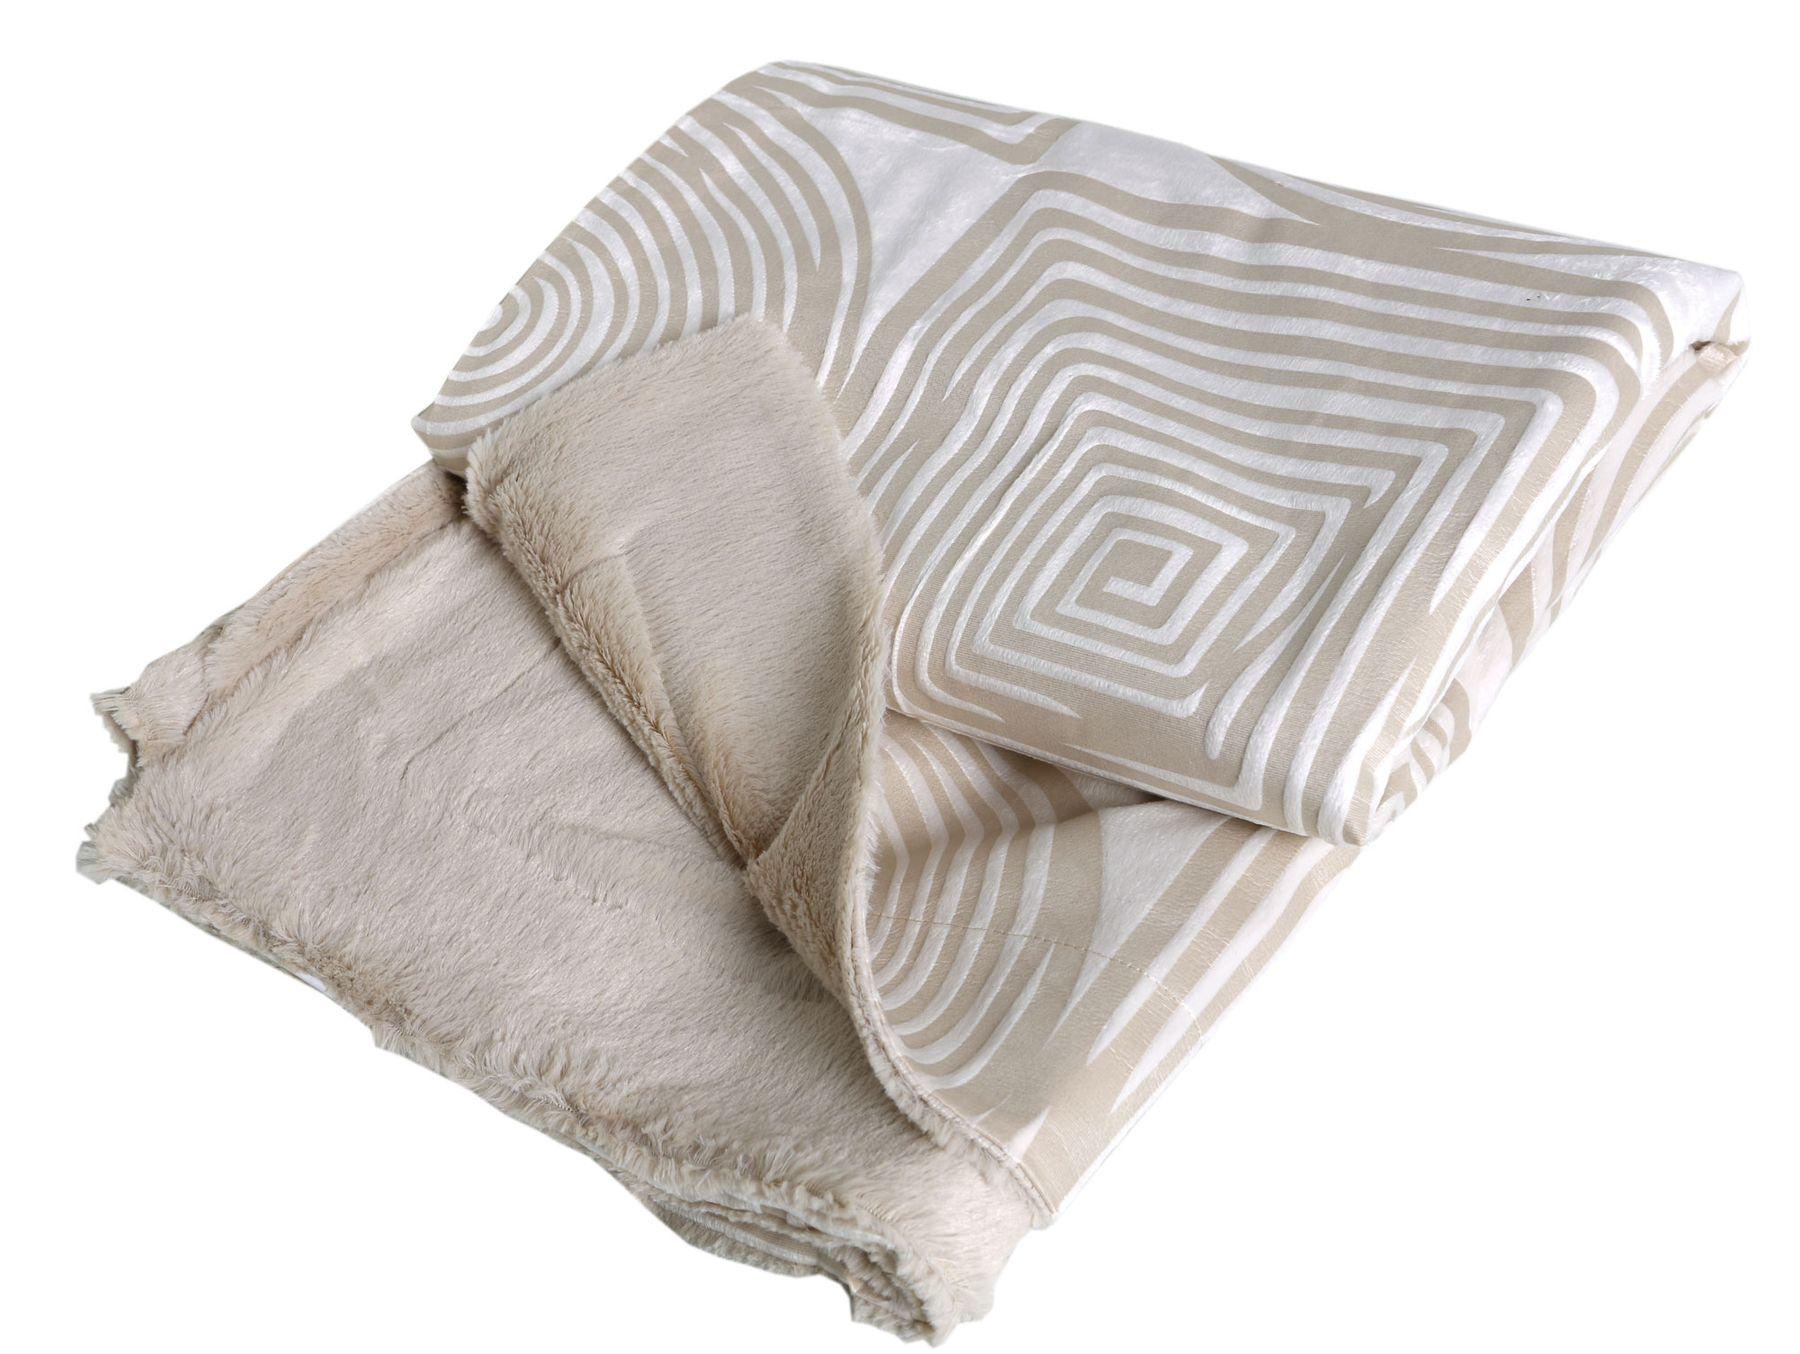 Full Size of überwurf Sofa Elegante Kuscheldecke 160x200 Cm Landhaus Led Wohnlandschaft Verkaufen Mit Relaxfunktion 3 Sitzer Xora überzug Recamiere Hocker L Form Bunt Sofa überwurf Sofa